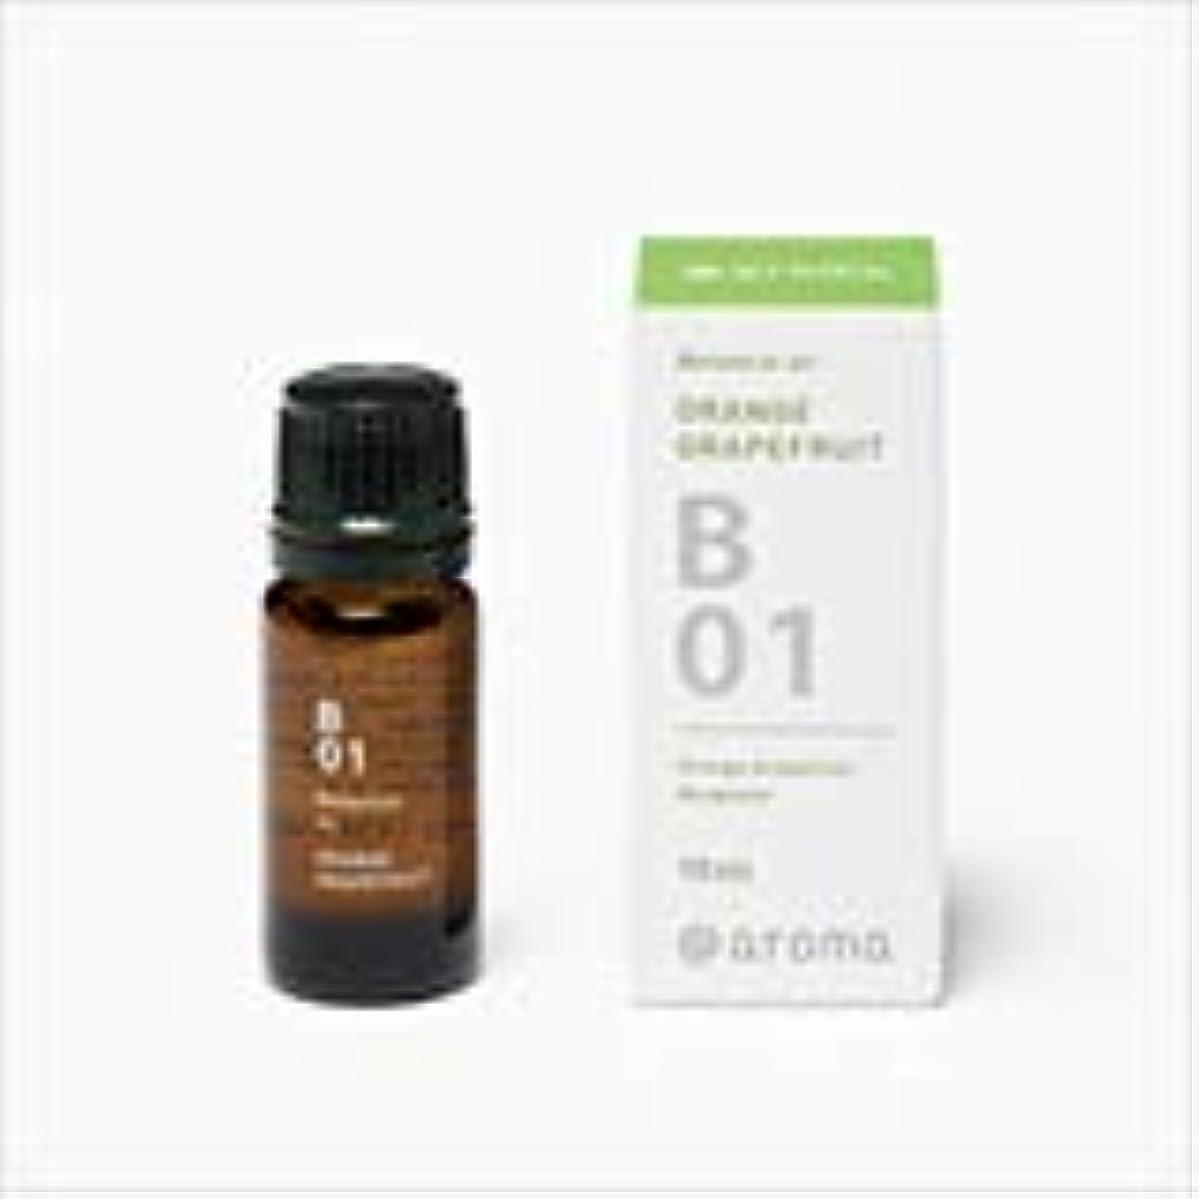 広げるランプインタネットを見るアットアロマ 100%pure essential oil <Botanical air ラベンダーティートリー>